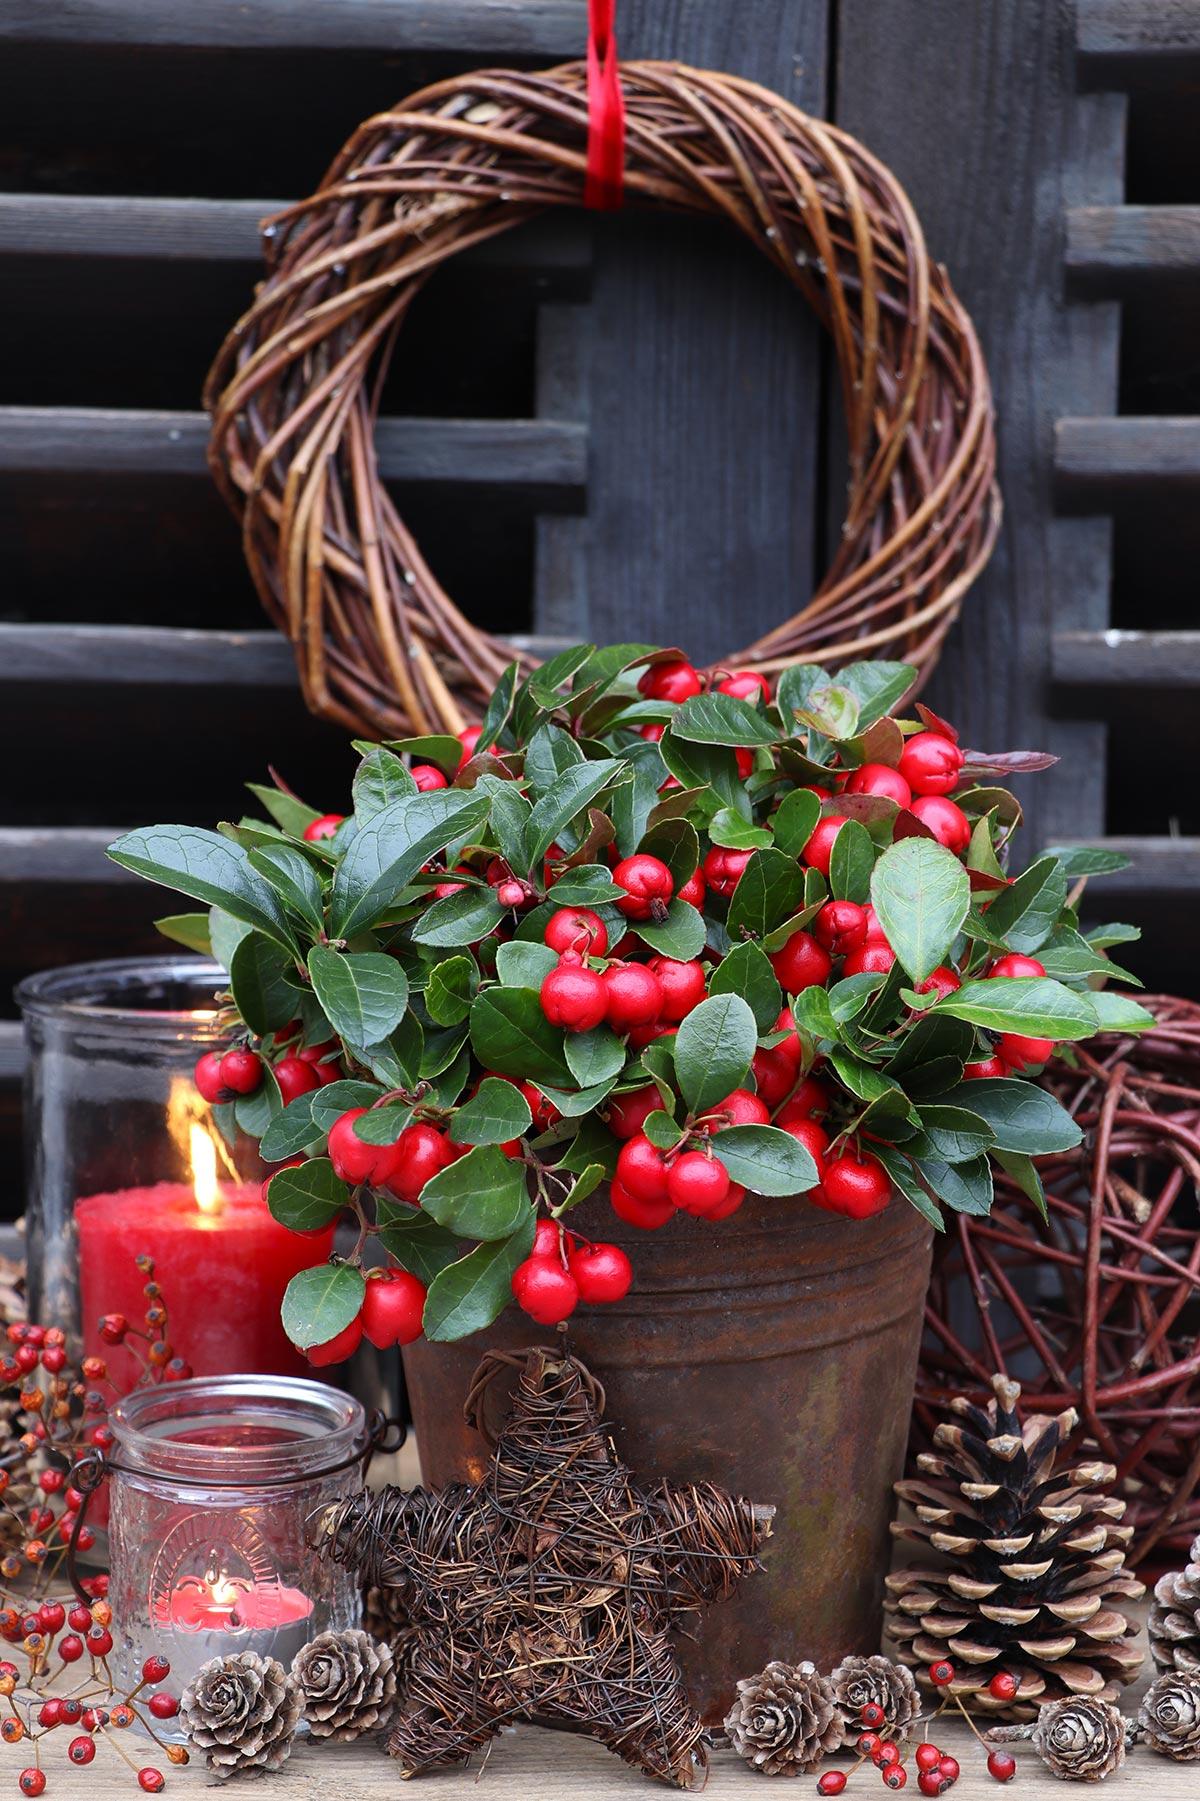 Decorazione natalizia esterna con vaso e bacche rosse.